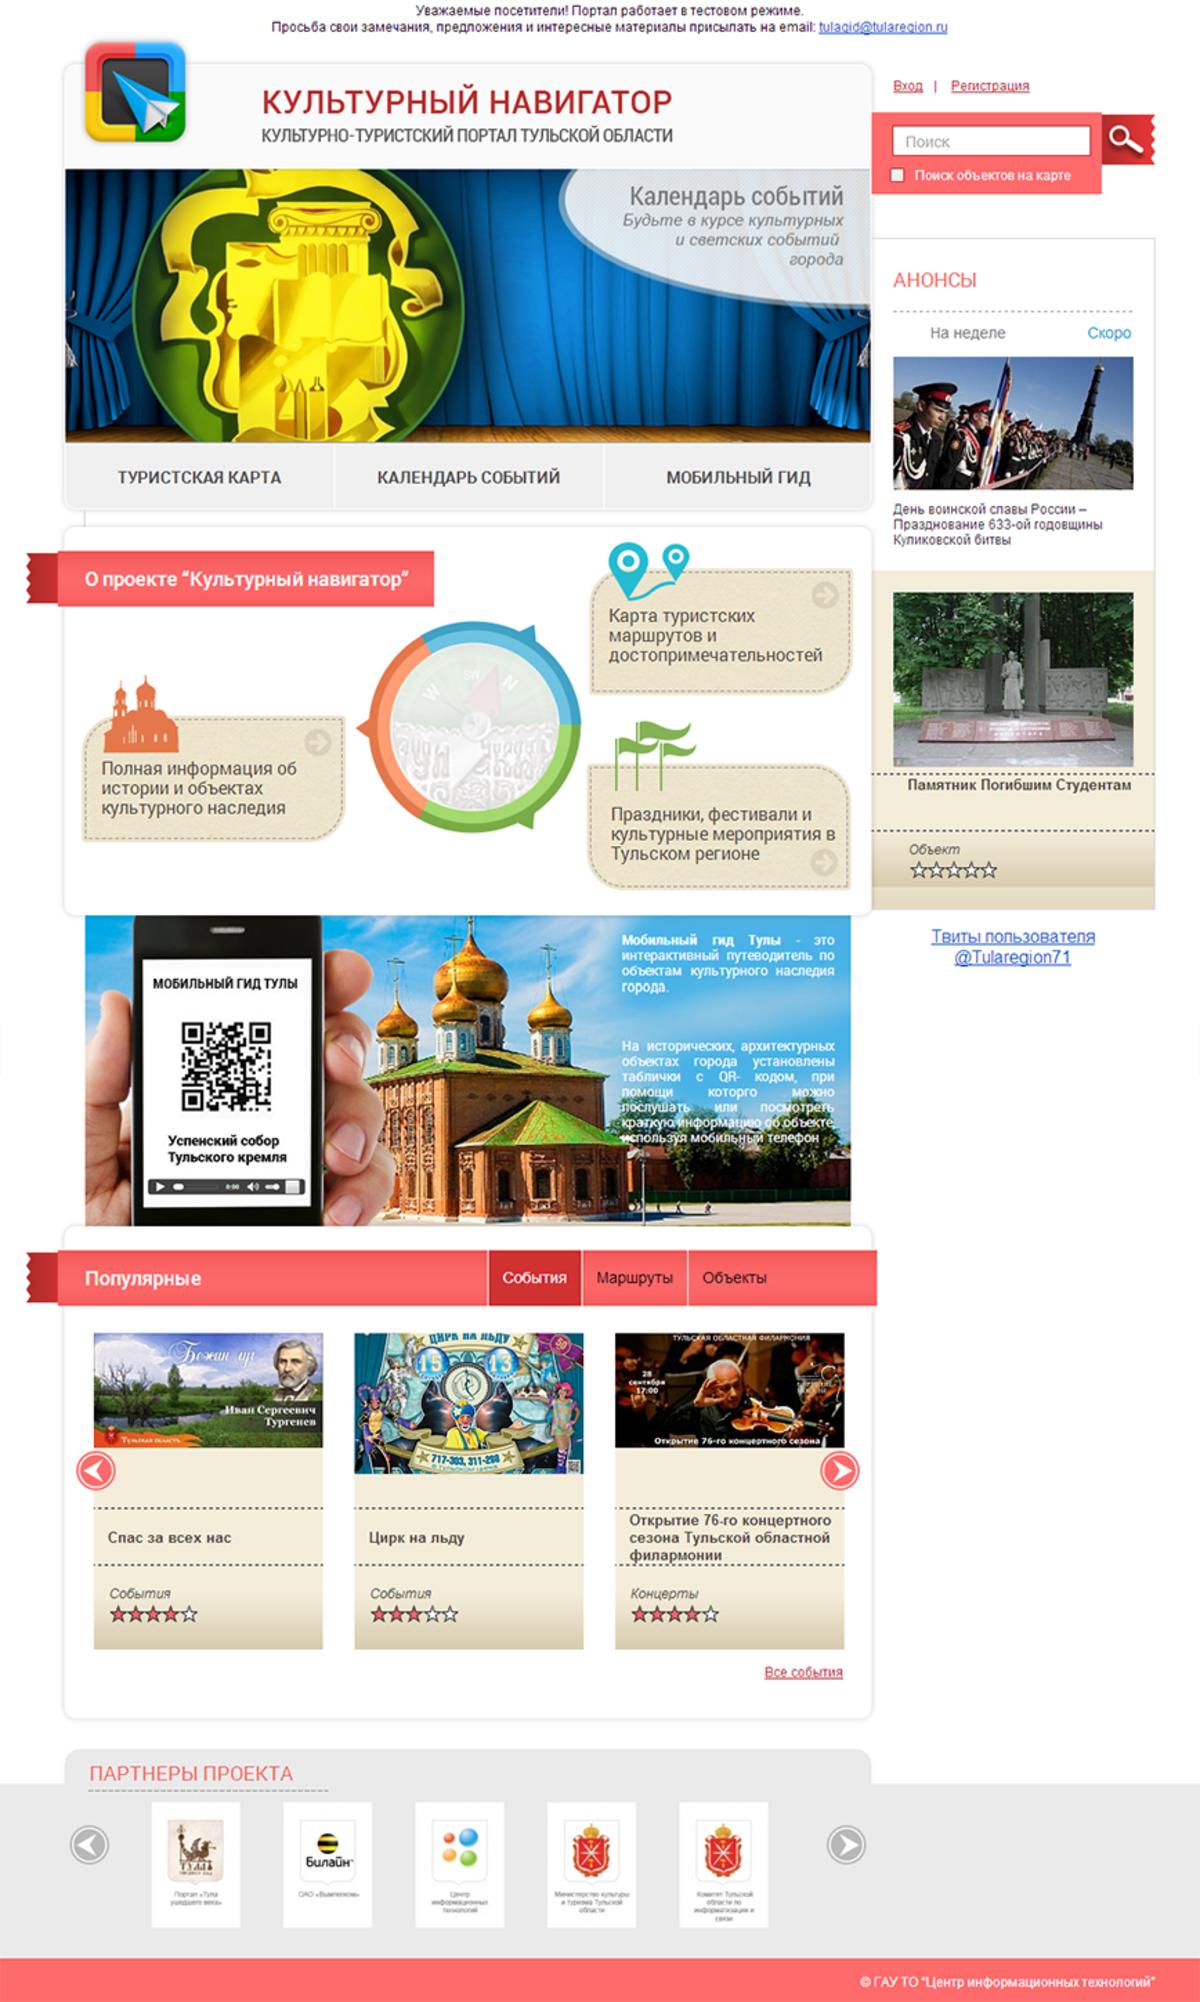 Разработка и поддержка портала «Культурно-туристский портал Тульской области» / Проект компании ARTWELL